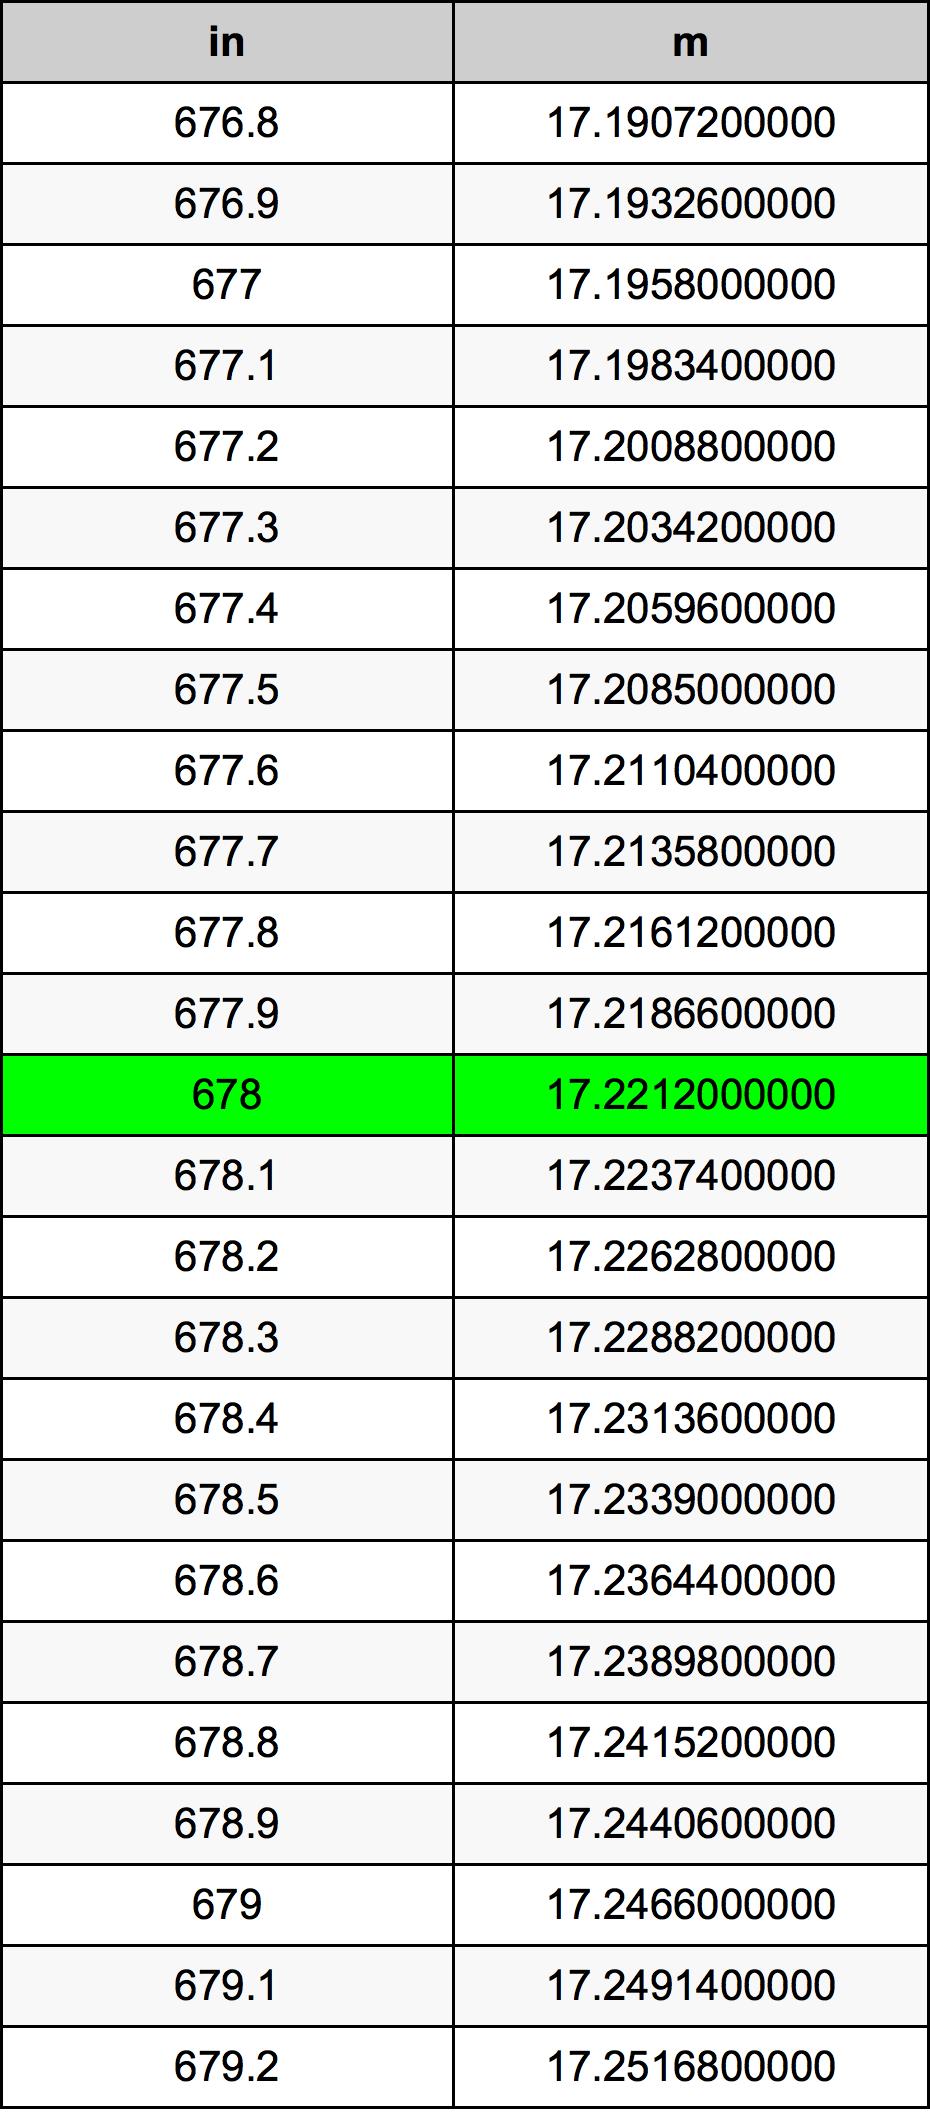 678 Țol tabelul de conversie